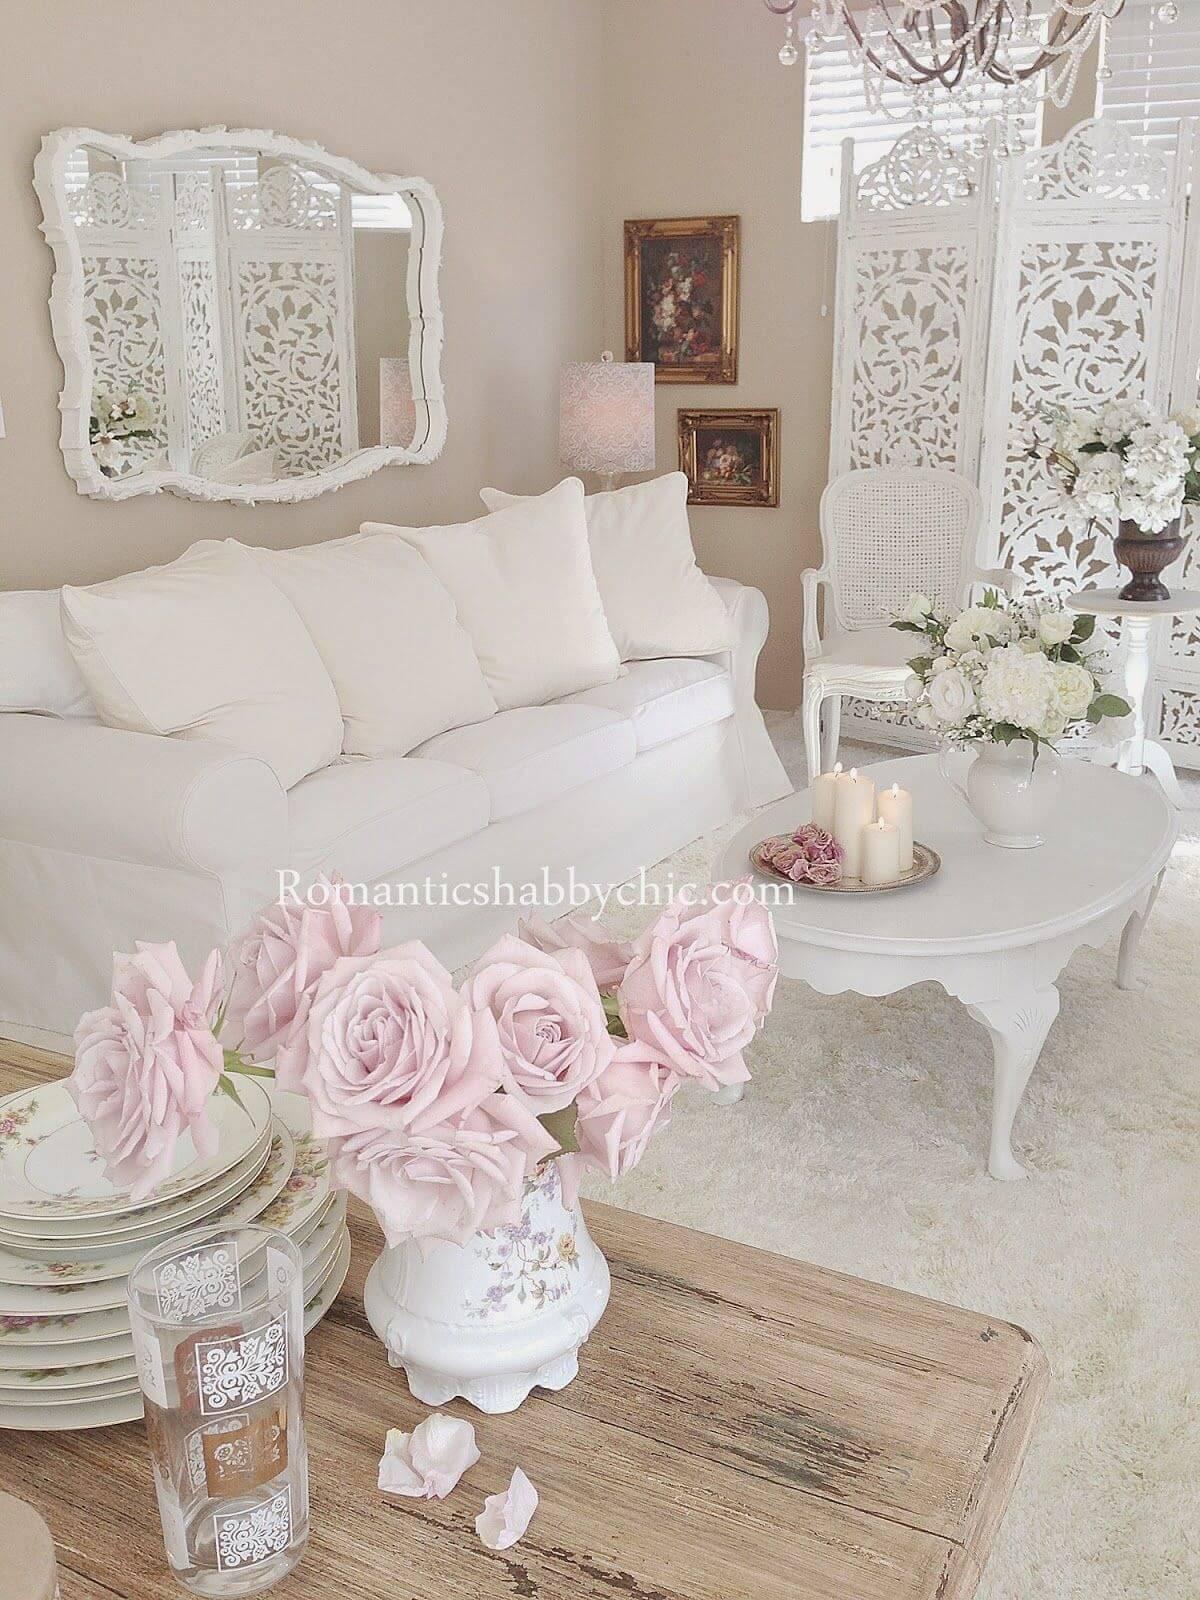 Blanc sur blanc avec des fleurs roses